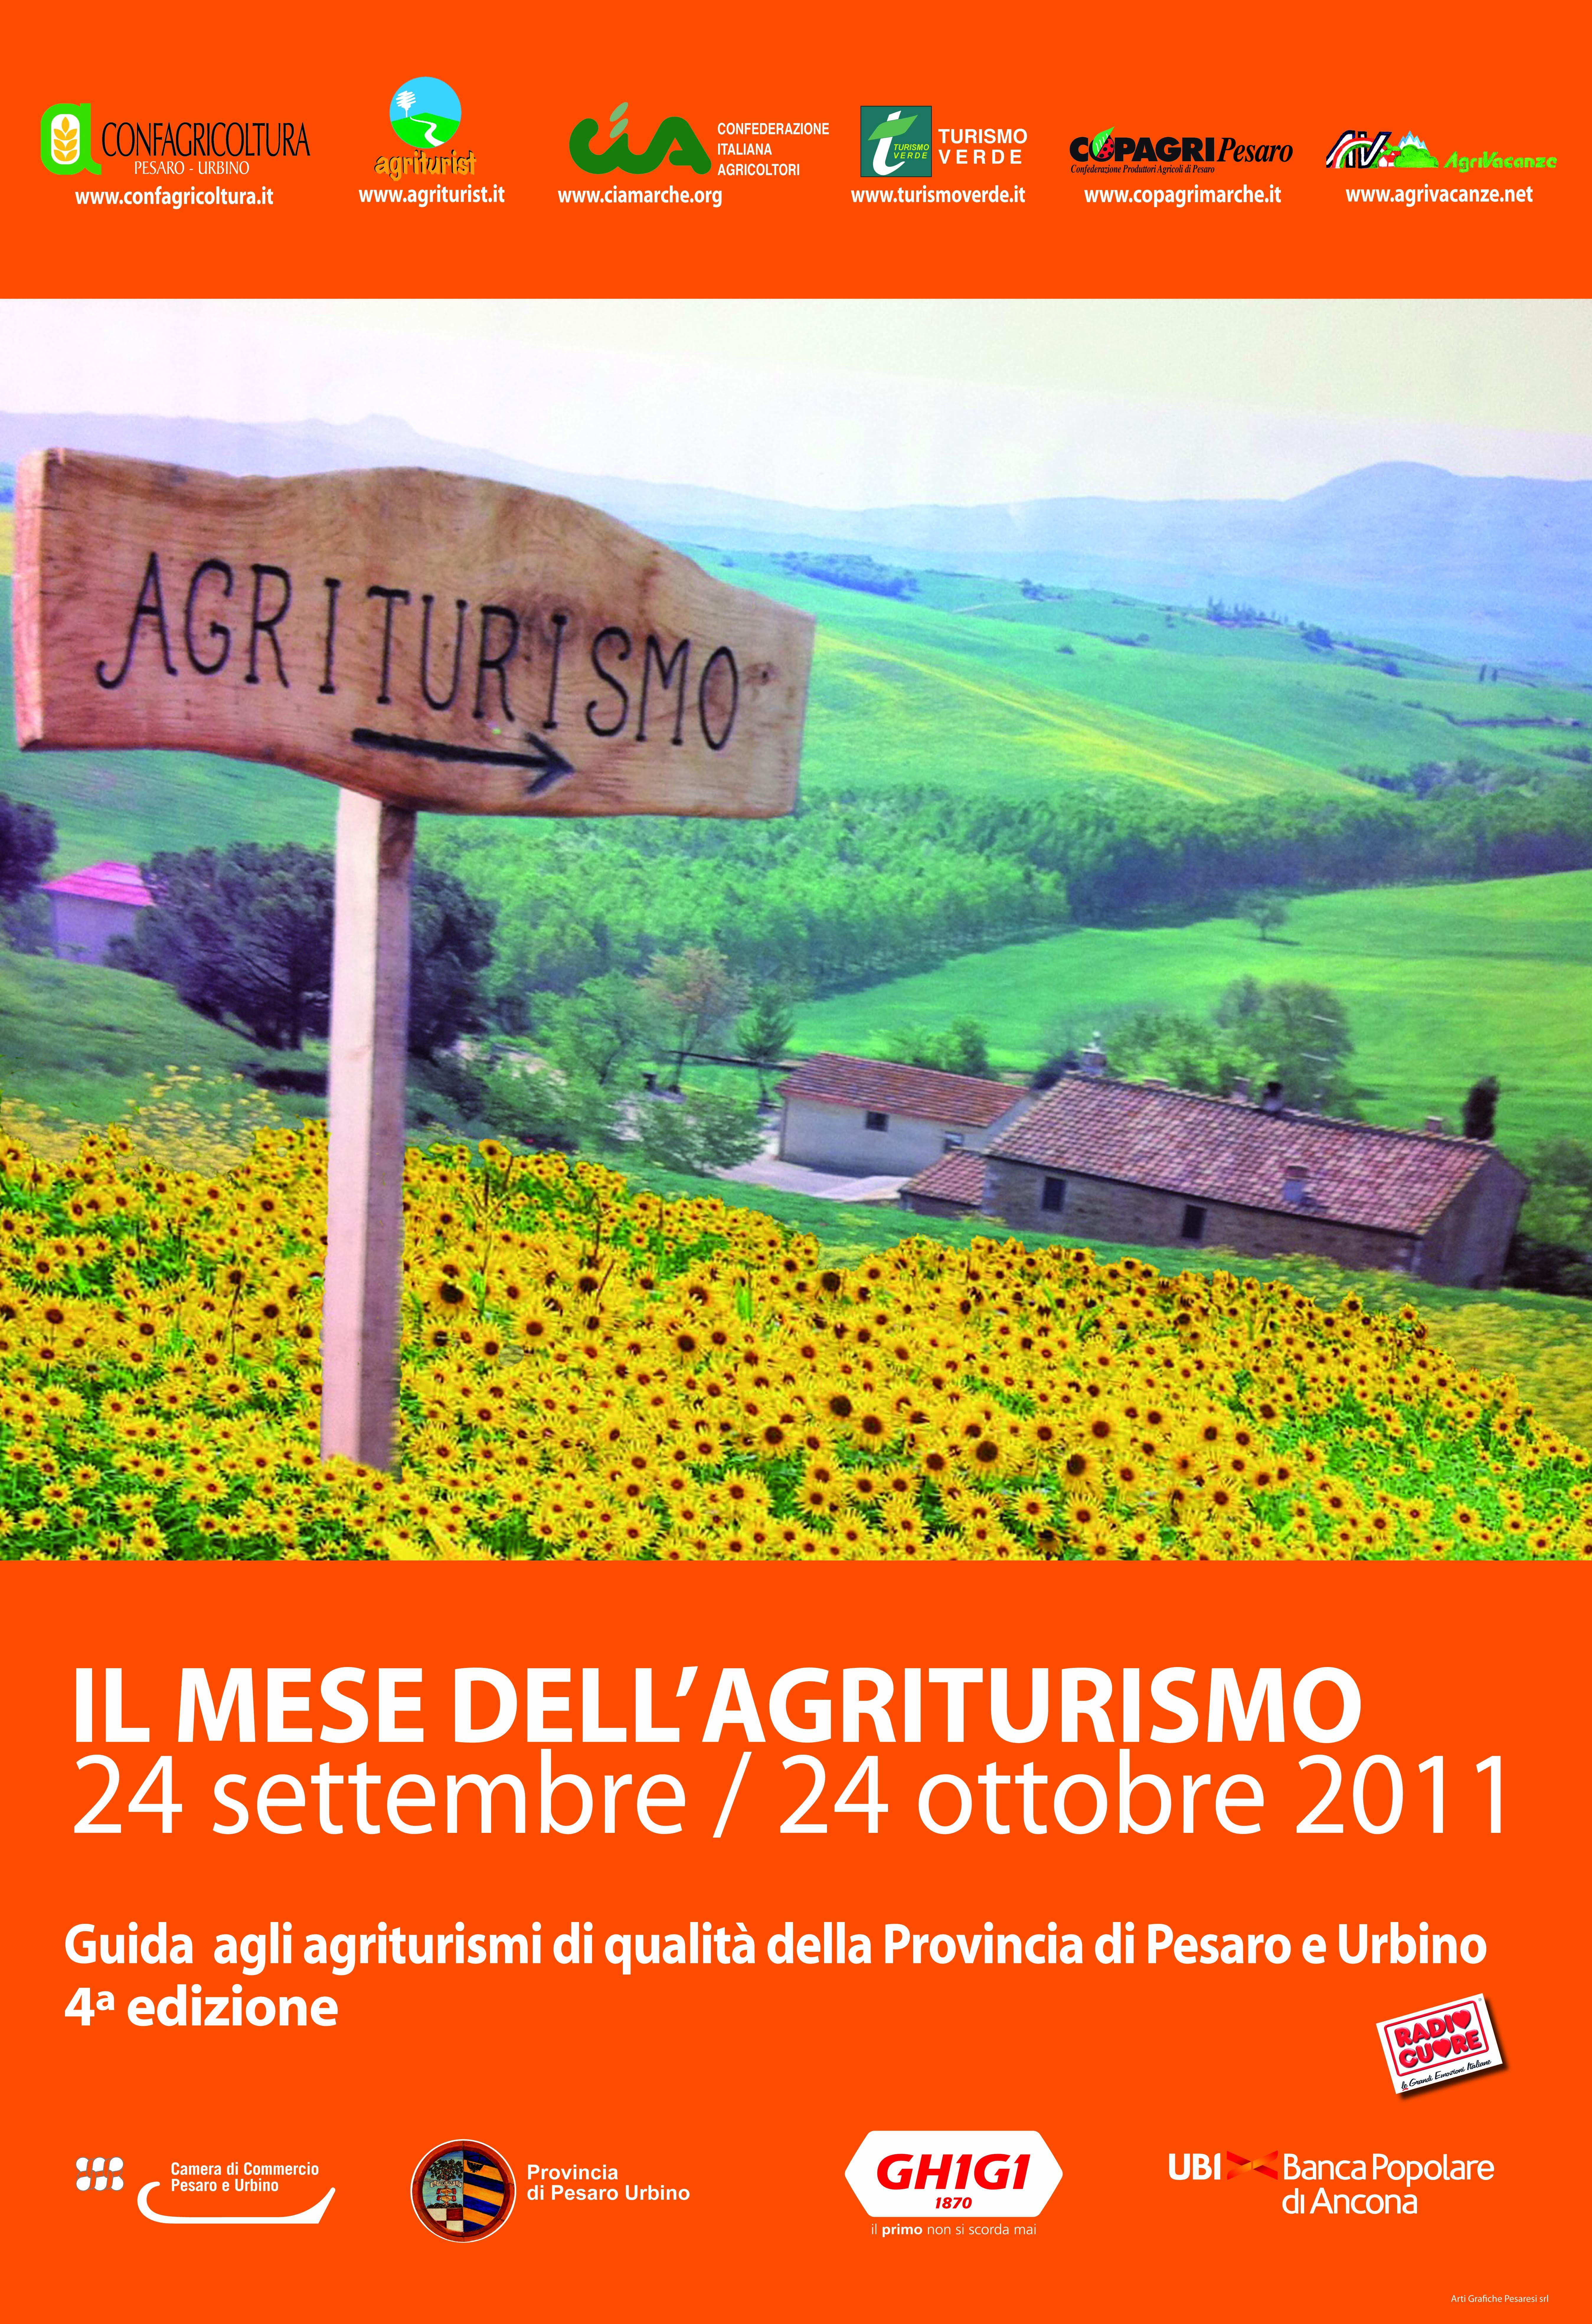 Mese dell'Agriturismo dal 24 settembre al 24 ottobre